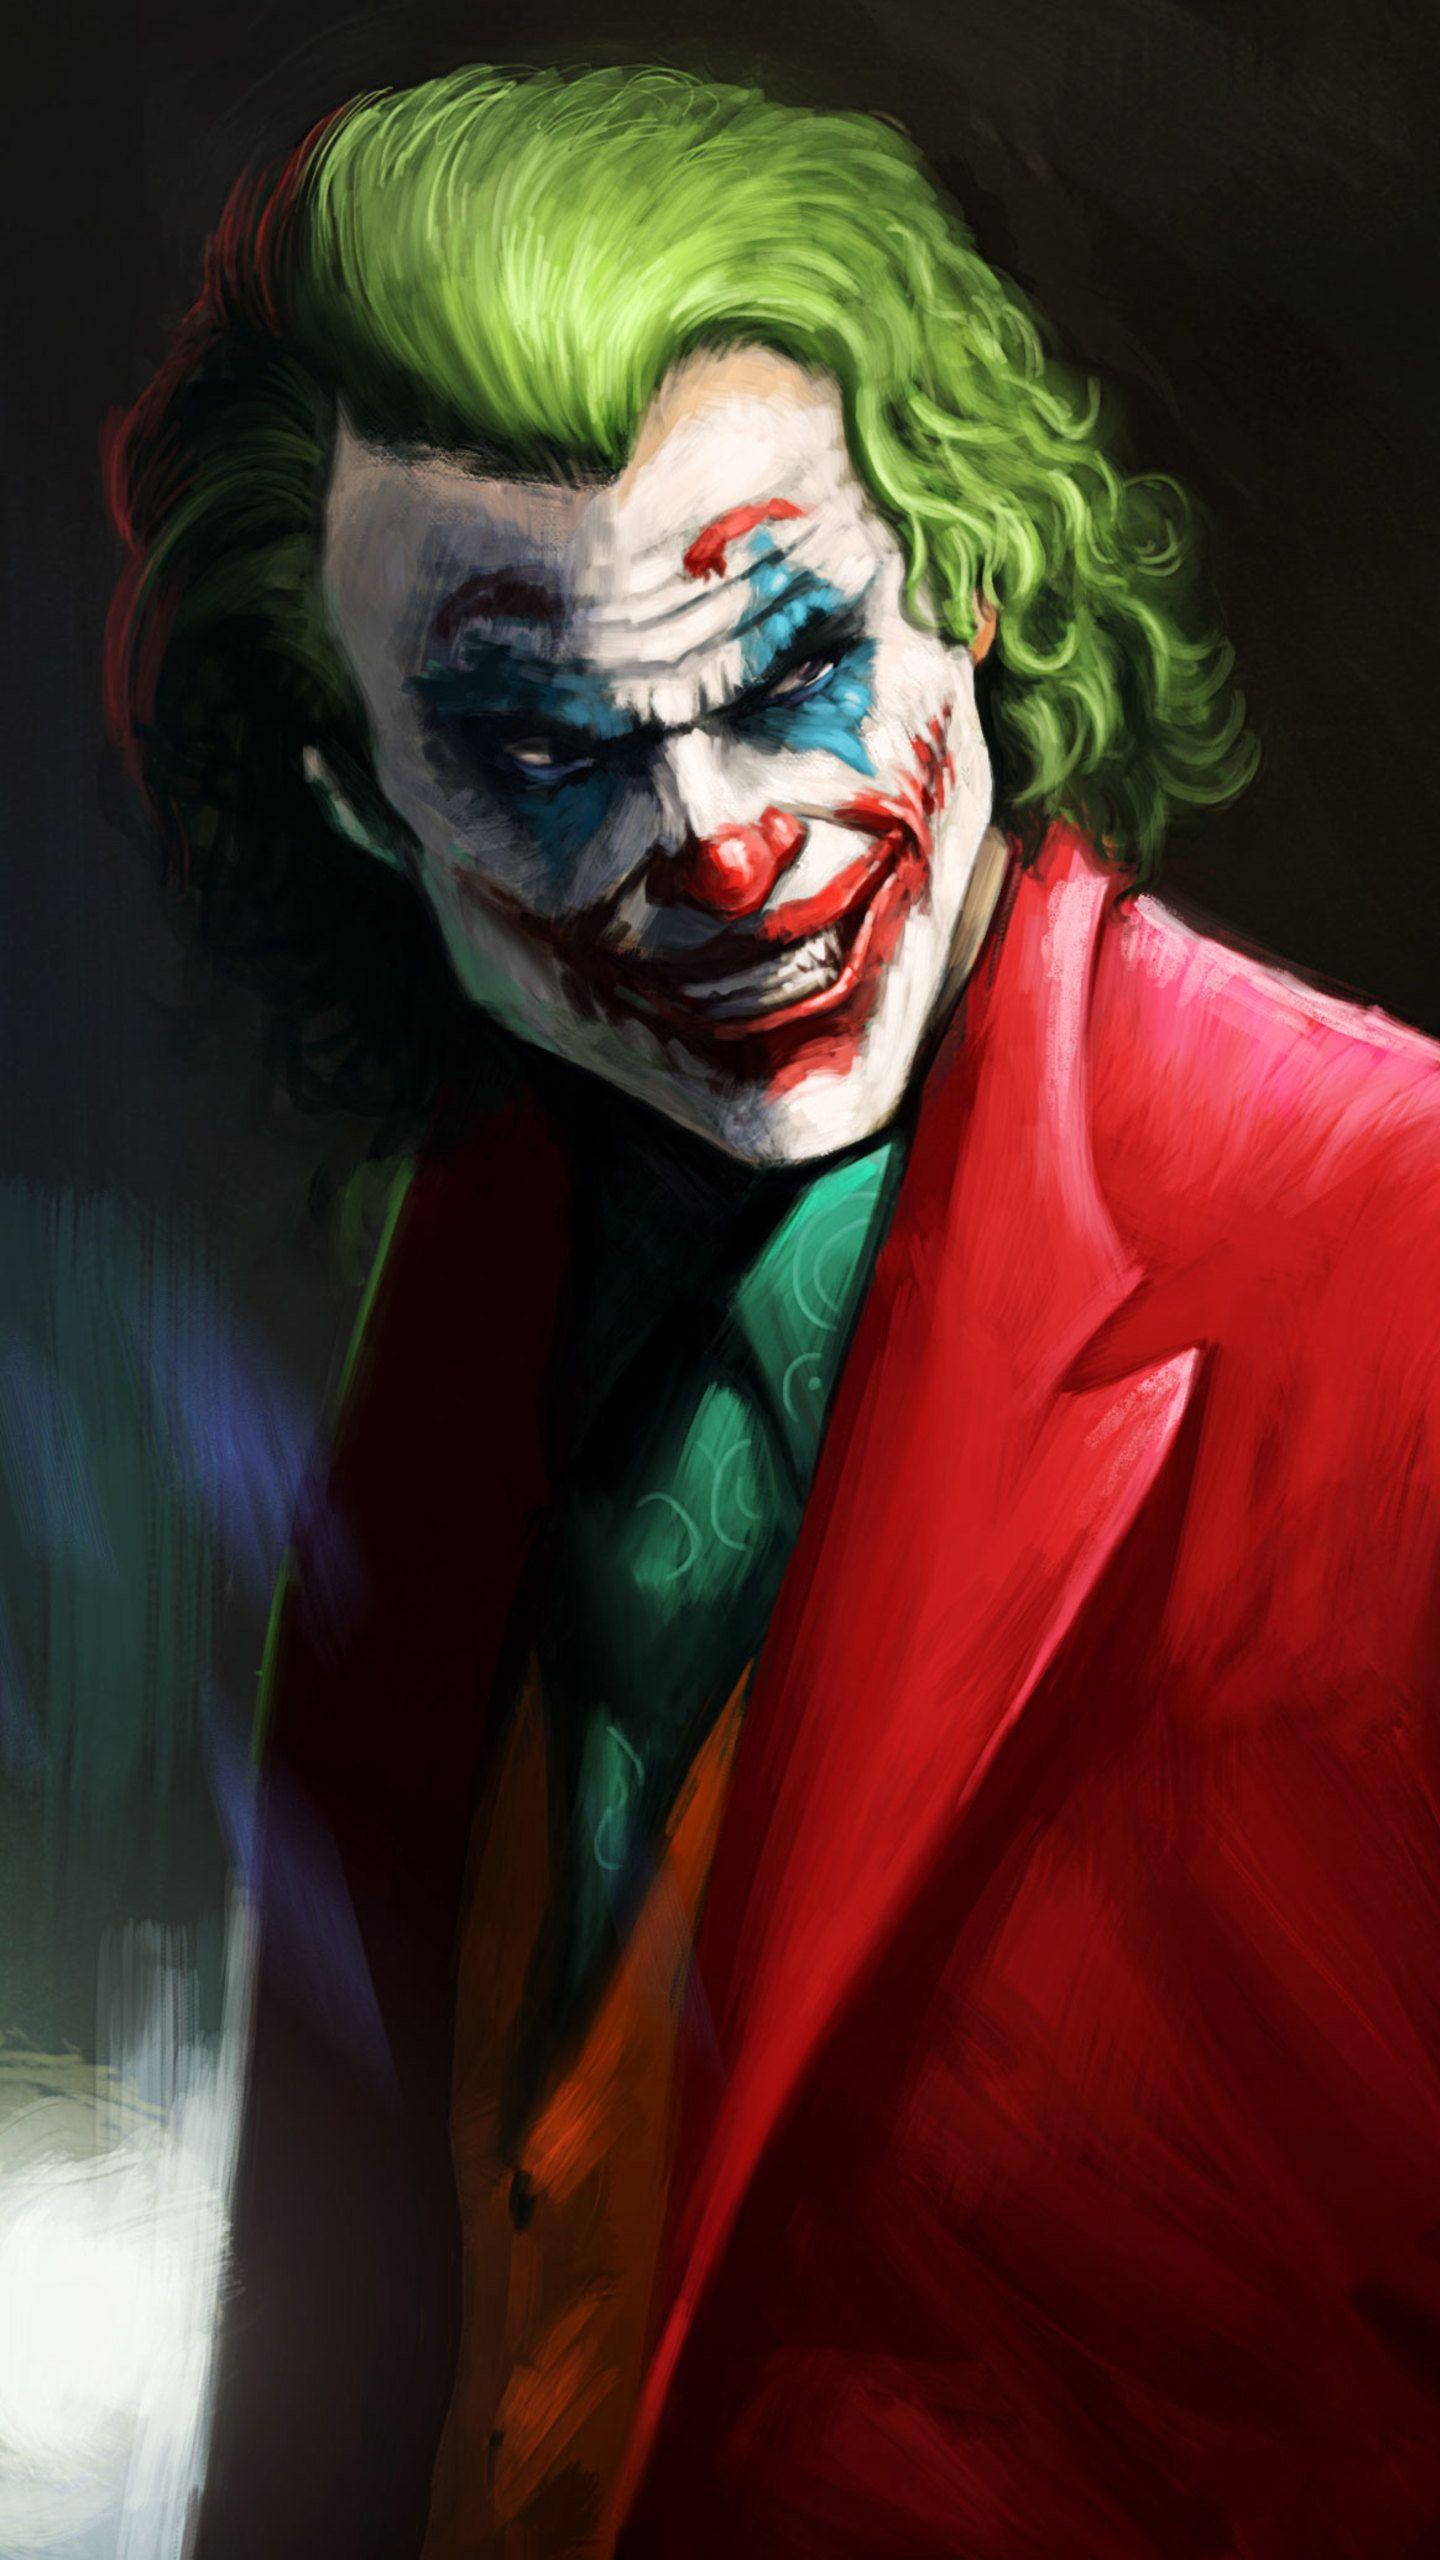 Joker Smile Supervillian HD Wallpaper (1440x2560)   Joker ...